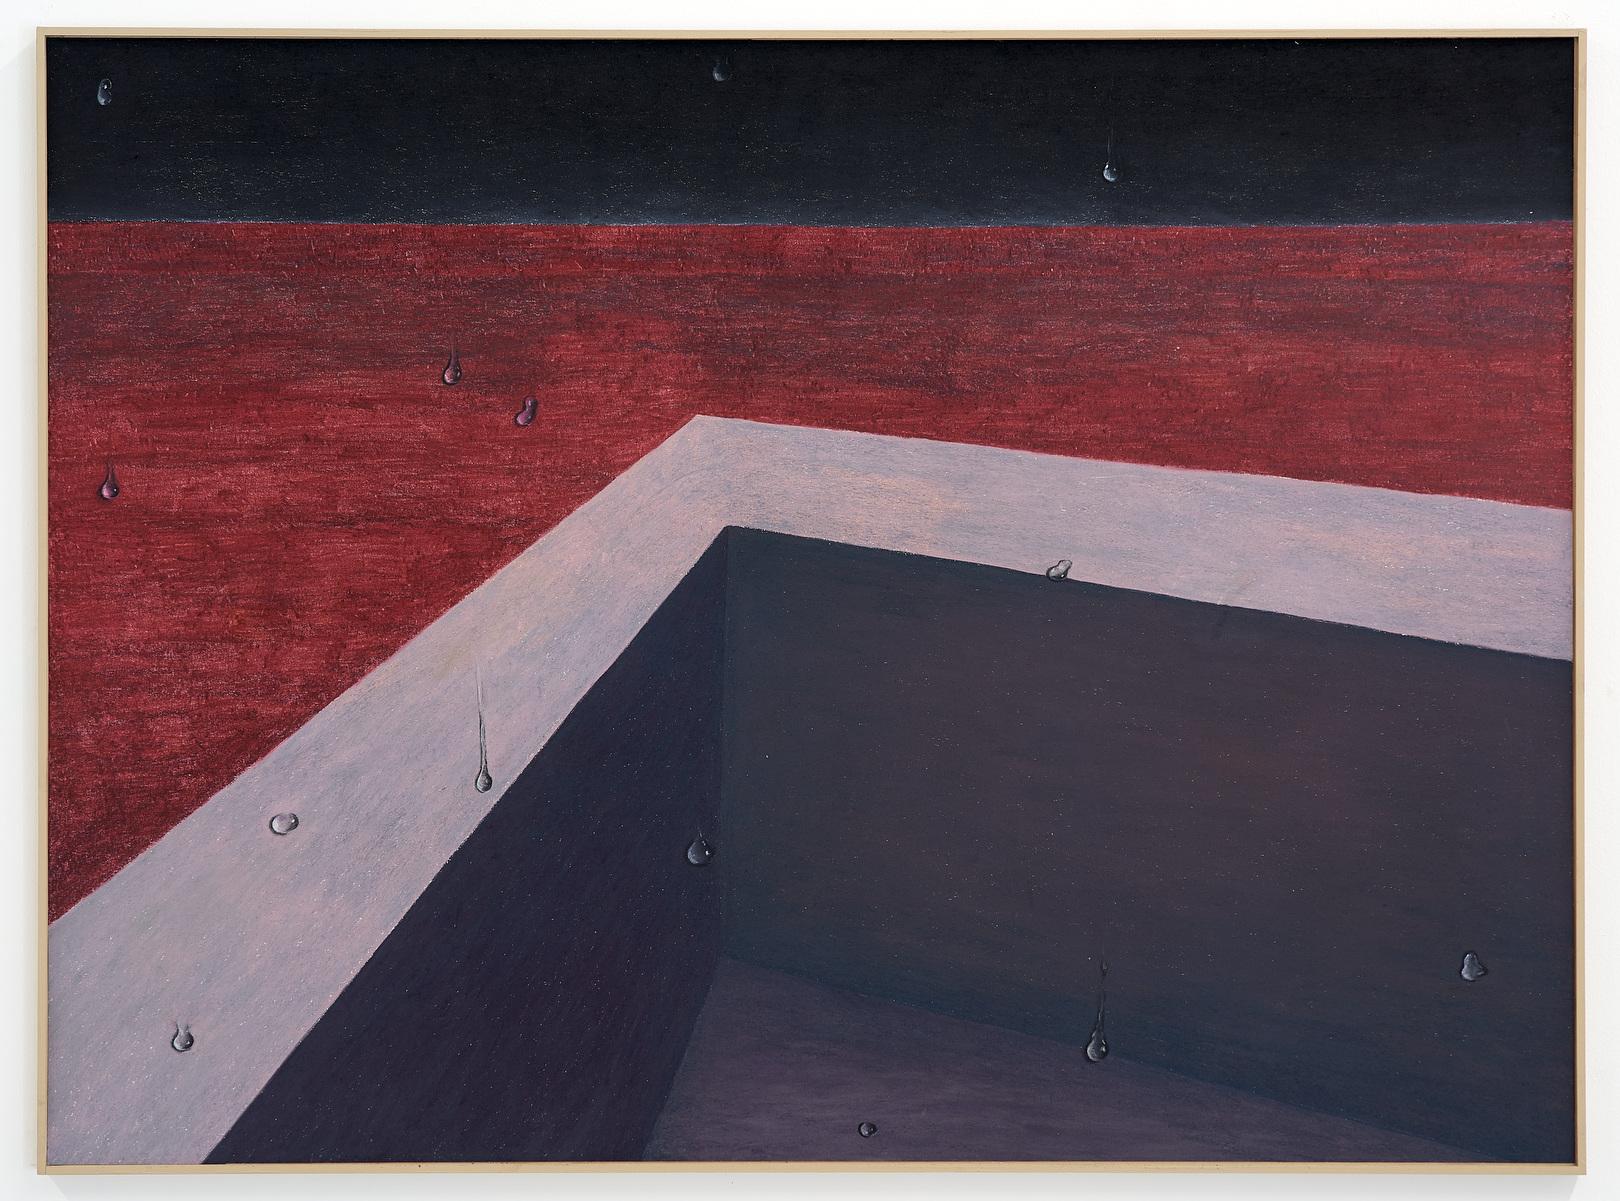 Gijs Milius,  Sans titre , 2018, Techniques mixtes, 105 x 77 cm. ©D.Giancatarina